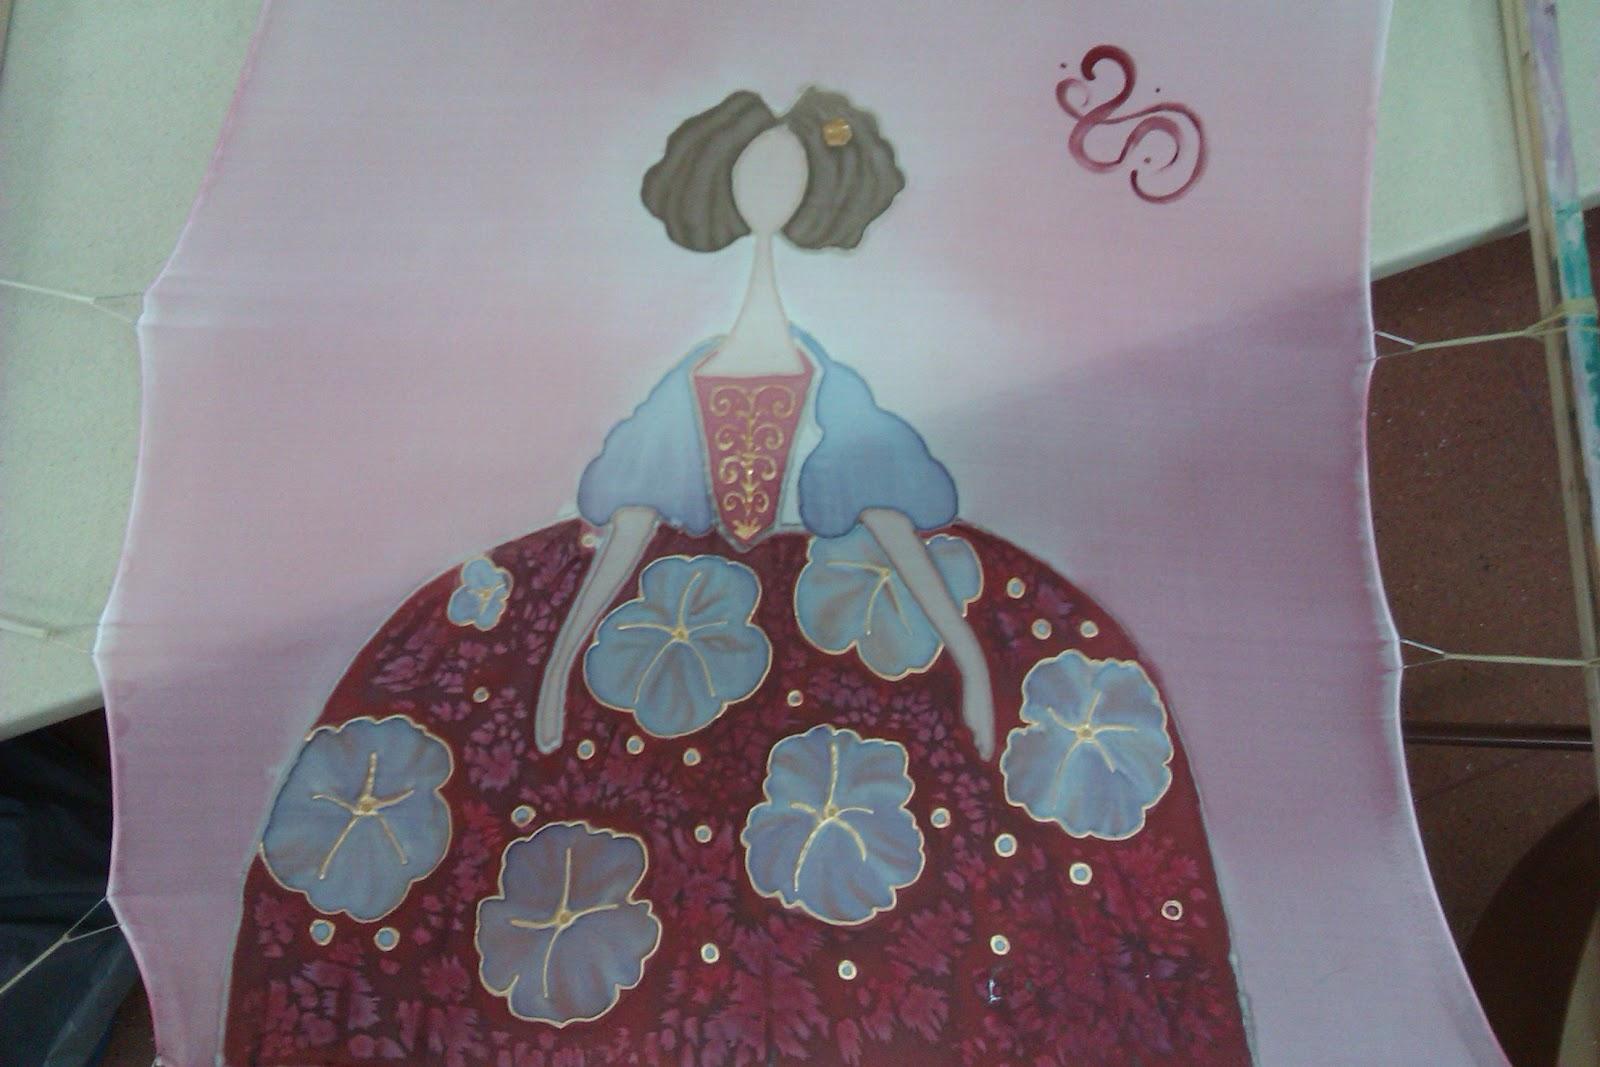 Si te gusta la artesania.. no dejes de ver pañuelos de seda pintados a mano